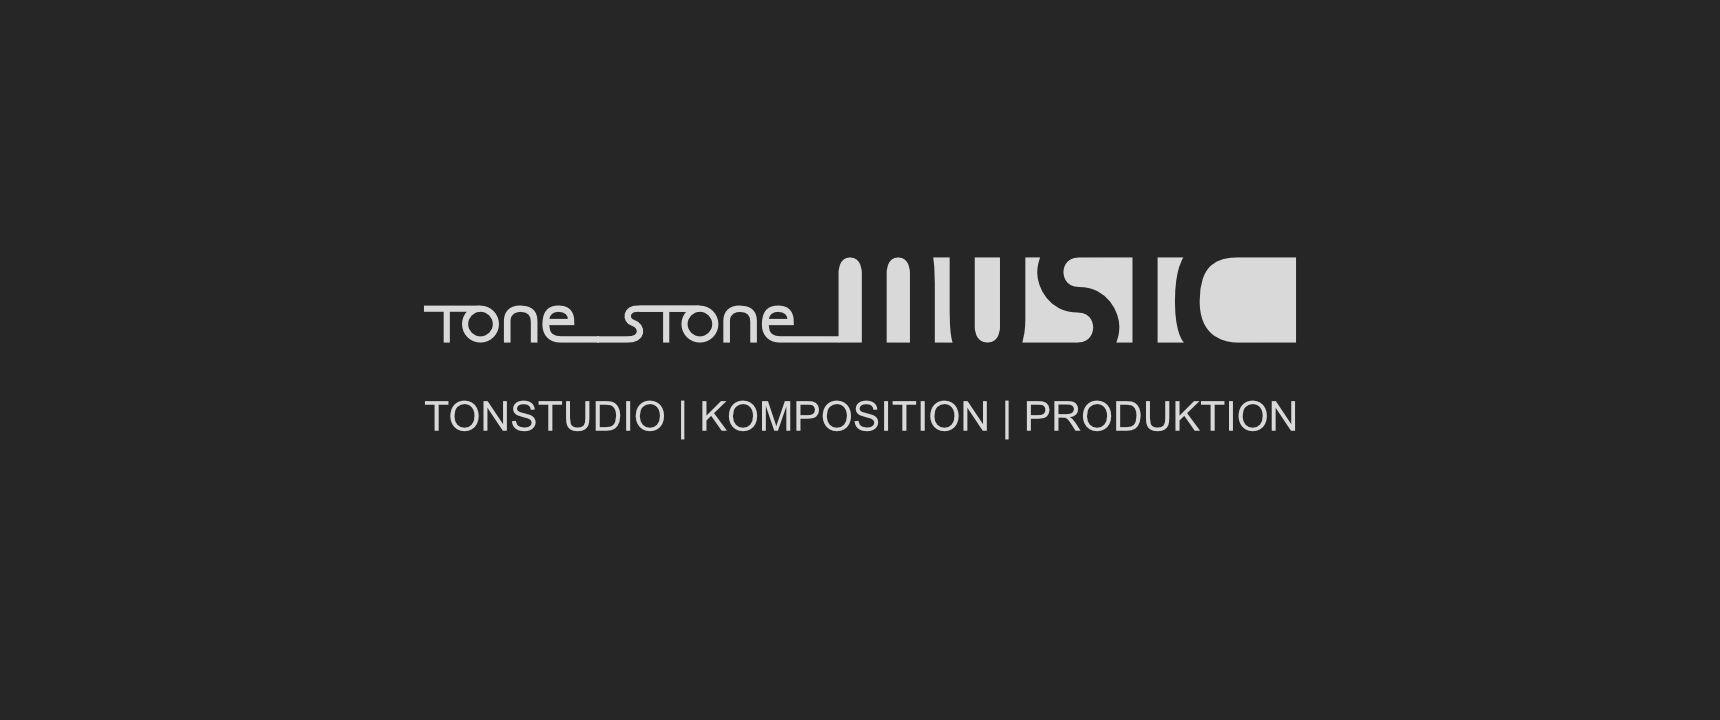 ToneStone & NEYXT